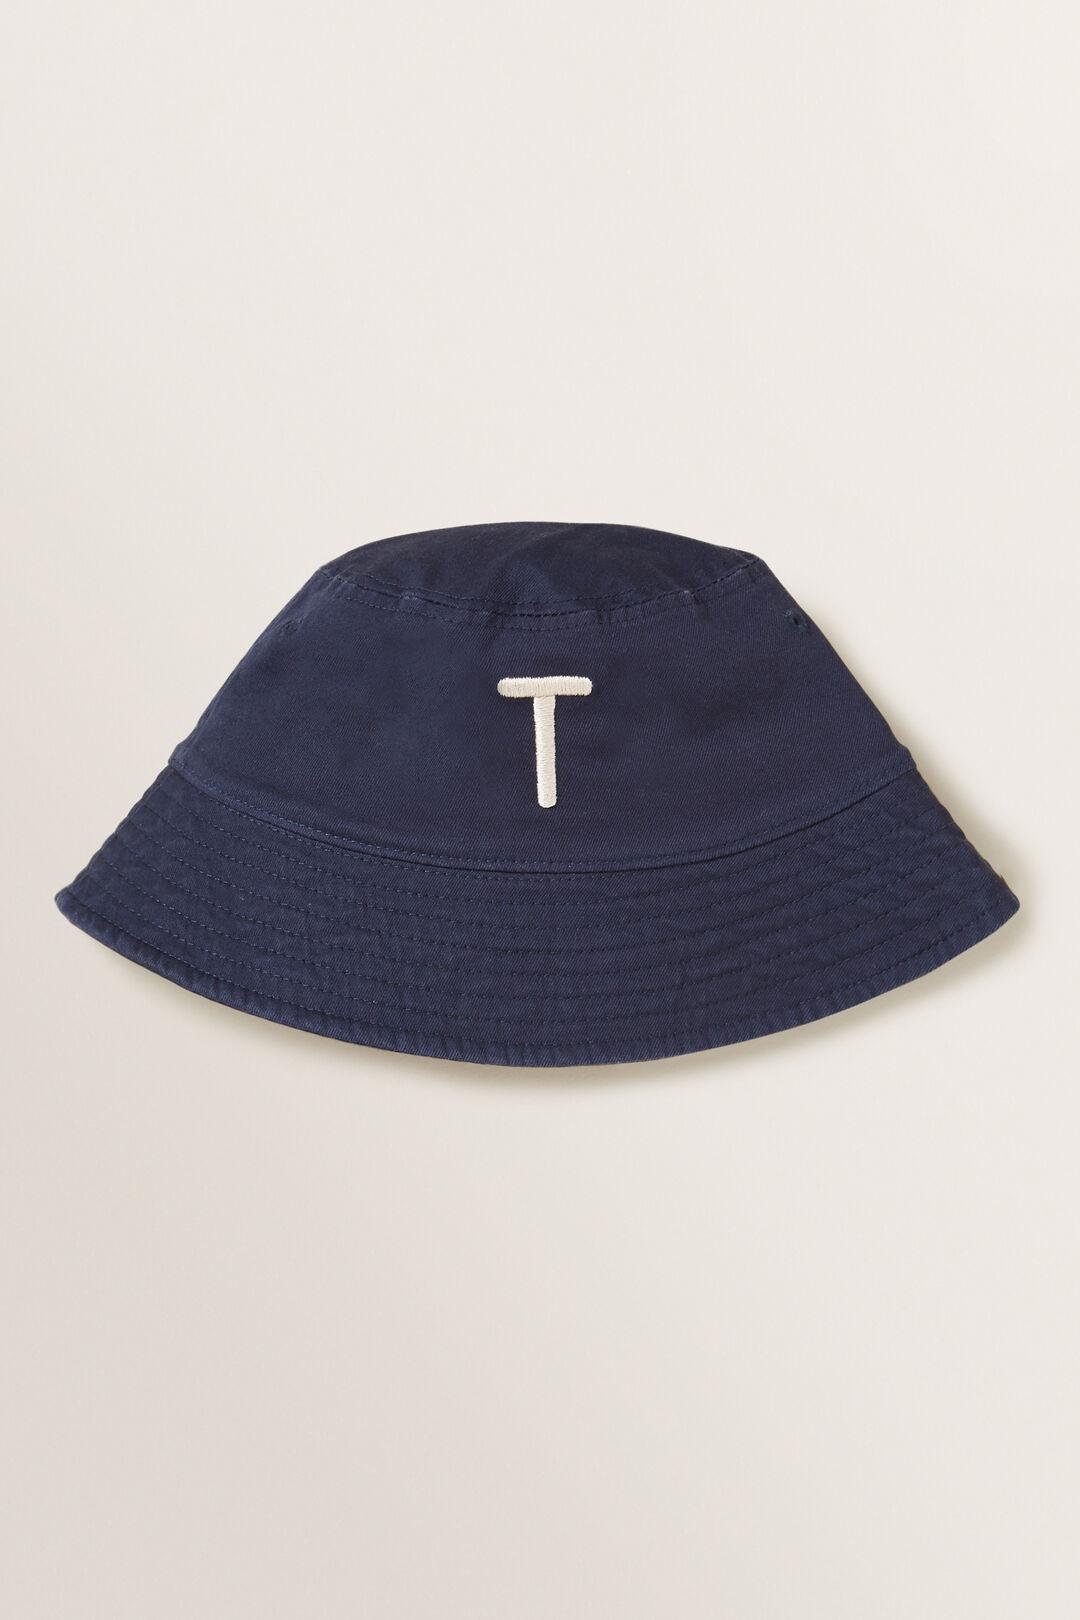 Initial Bucket Hat  T  hi-res